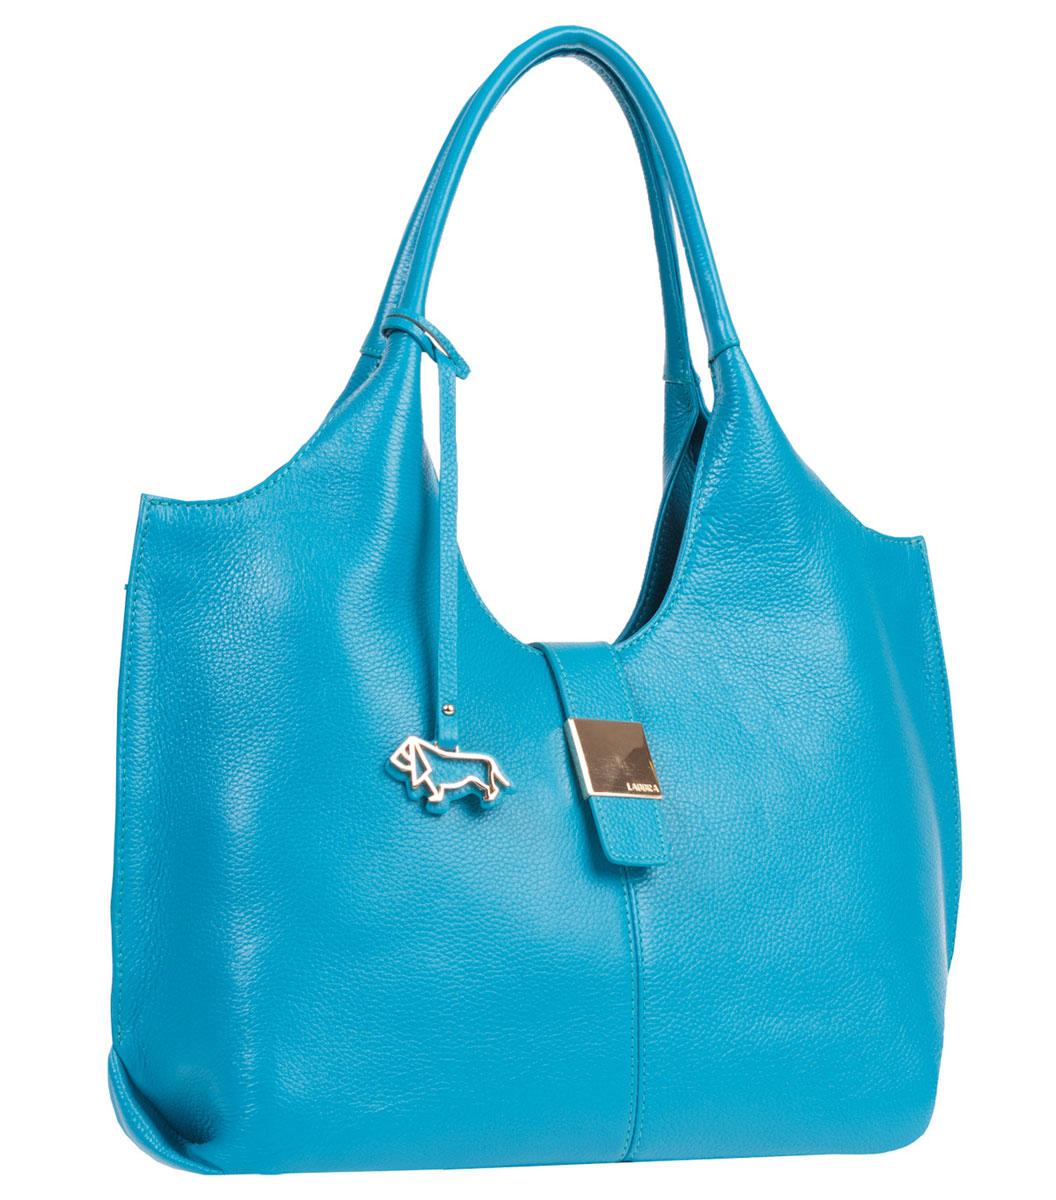 Сумка женская Labbra, цвет: бирюзовый. L-DL90389-1L-DL90389-1Элегантная женская сумка Labbra выполнена из натуральной кожи сочного оттенка. Лицевая сторона сумки дополнена металлическим элементом с логотипом бренда и подвеской. Изделие содержит одно основное отделение, закрывающееся на застежку-молнию, дополнительно закрывается на магнитную кнопку. Внутри - врезной карман на молнии, два накладных кармашка для мобильного телефона и мелочей, два дополнительных накладных кармана, один из них на молнии. Сумка оснащена практичными и удобными ручками. Дно сумки защищено металлическими ножками, которые уберегут изделие от повреждений. Стильная сумка позволит вам подчеркнуть свою индивидуальность, и сделает ваш образ изысканным и завершенным.